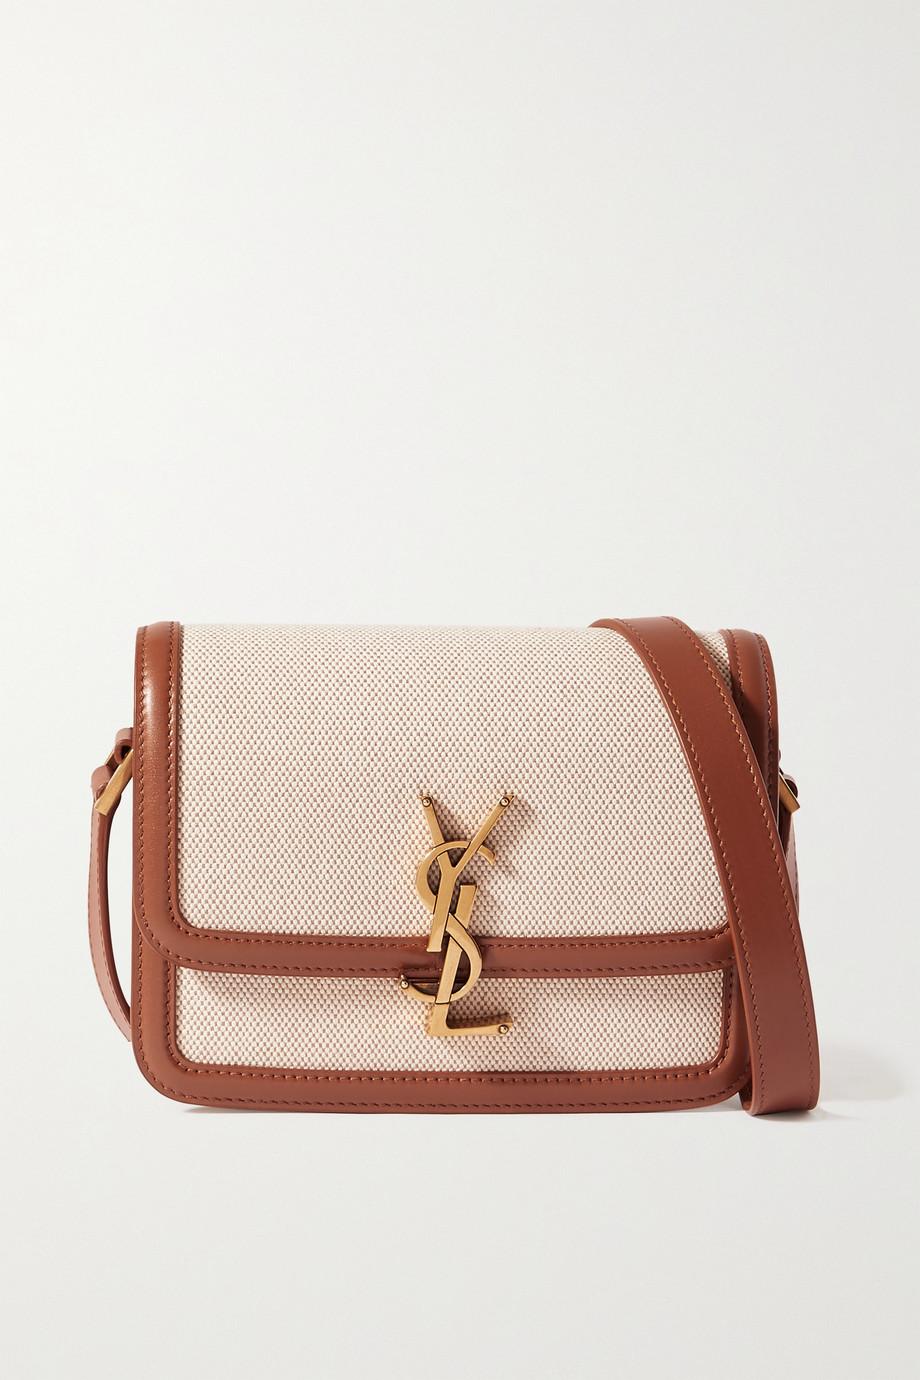 SAINT LAURENT Sac porté épaule en toile de coton et en cuir Solferino Small